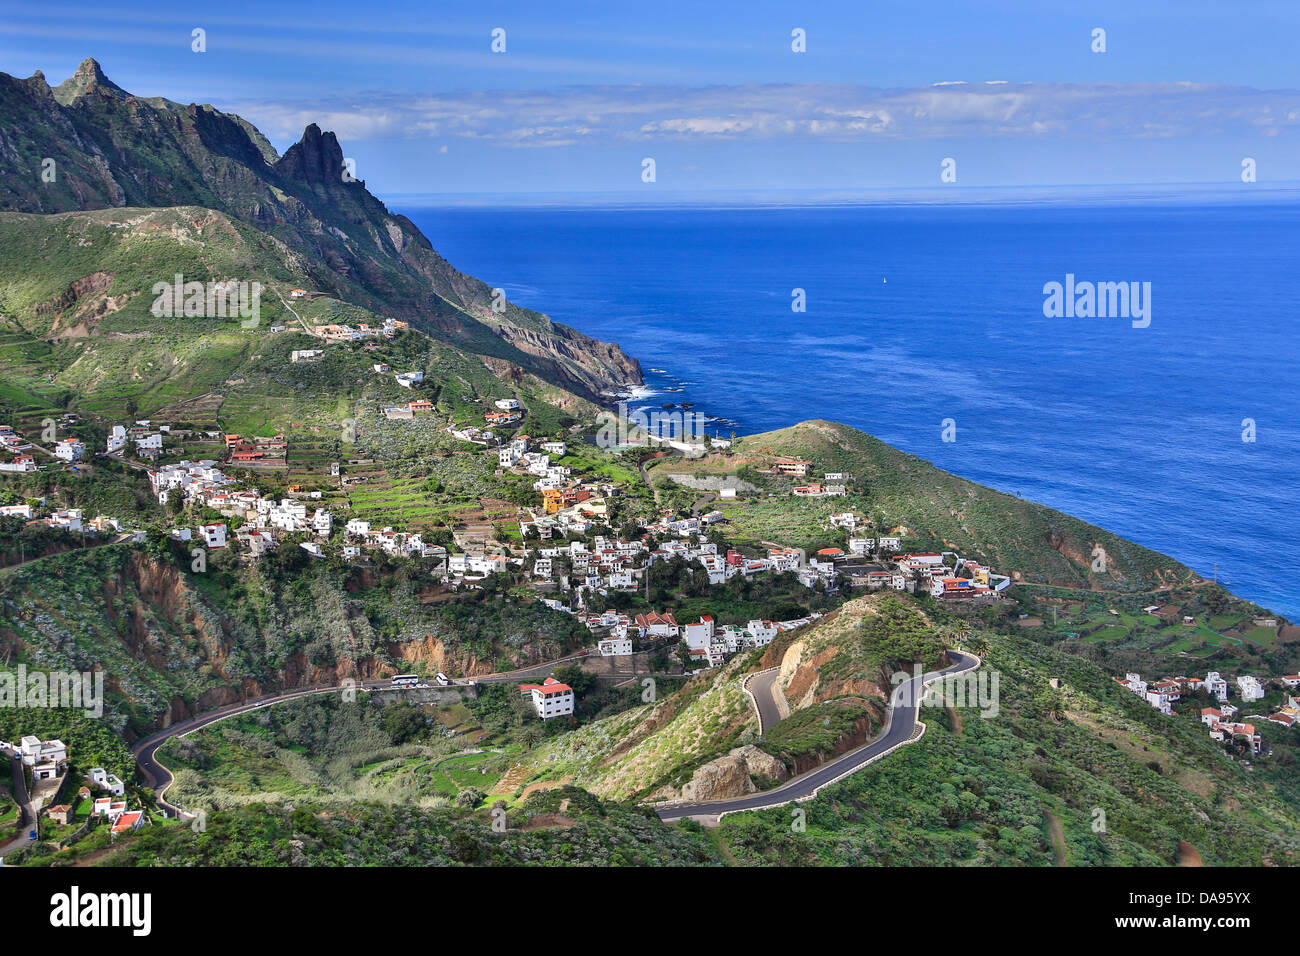 Spain, Europe, Canary Islands, Taganana, Tenerife Island, Tenerife, Teneriffa, blue, cliff, coast, curve, famous, - Stock Image